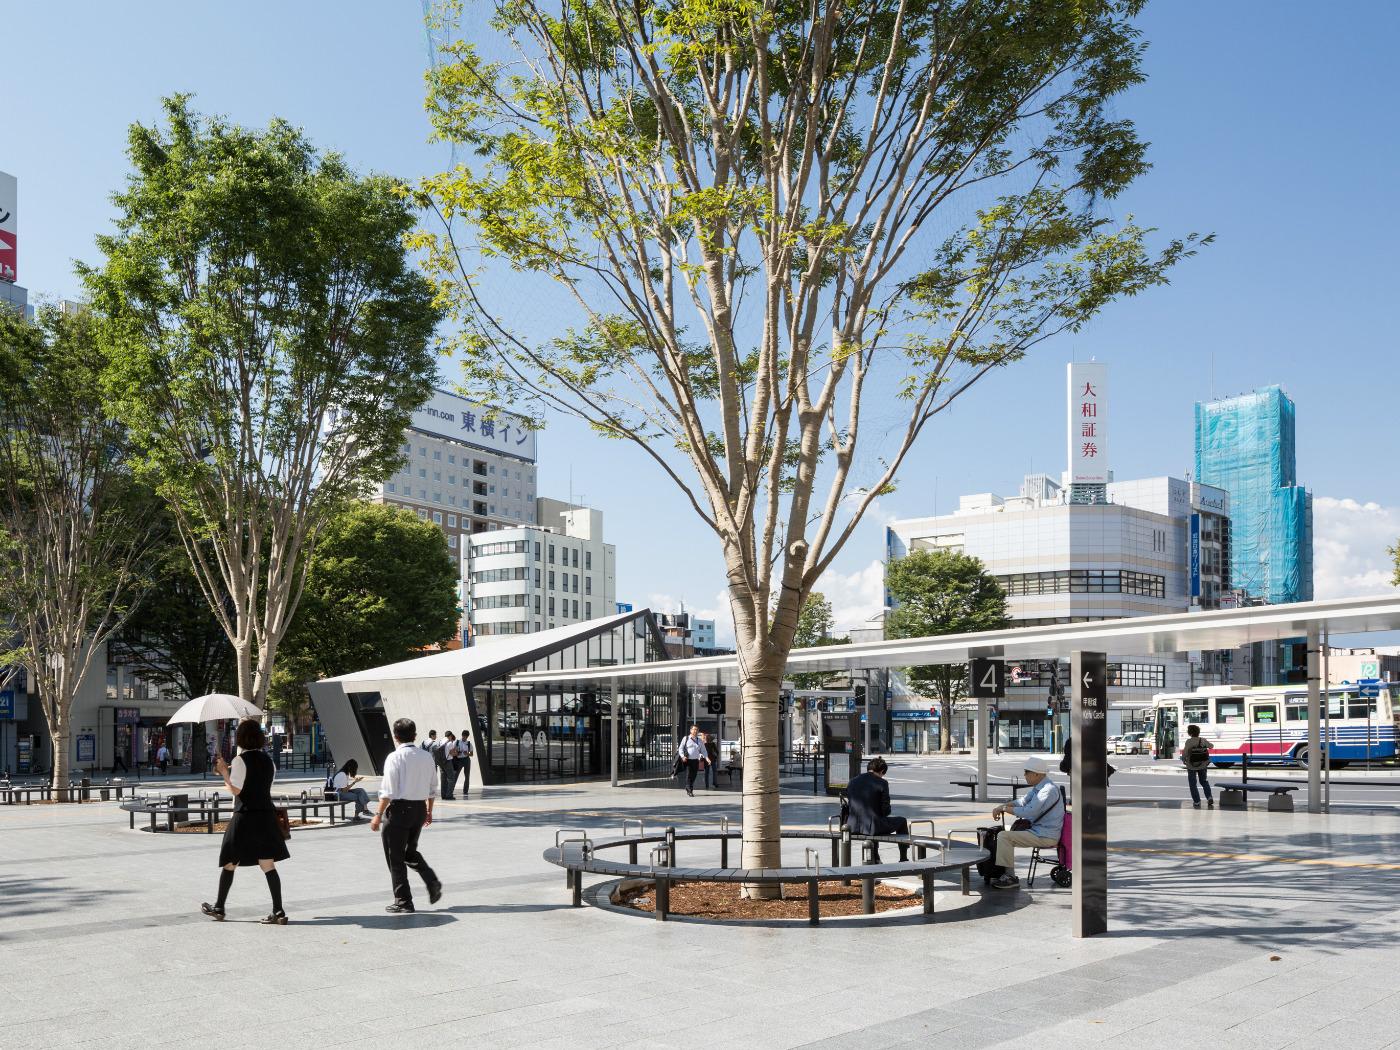 甲府駅南口周辺地域修景計画